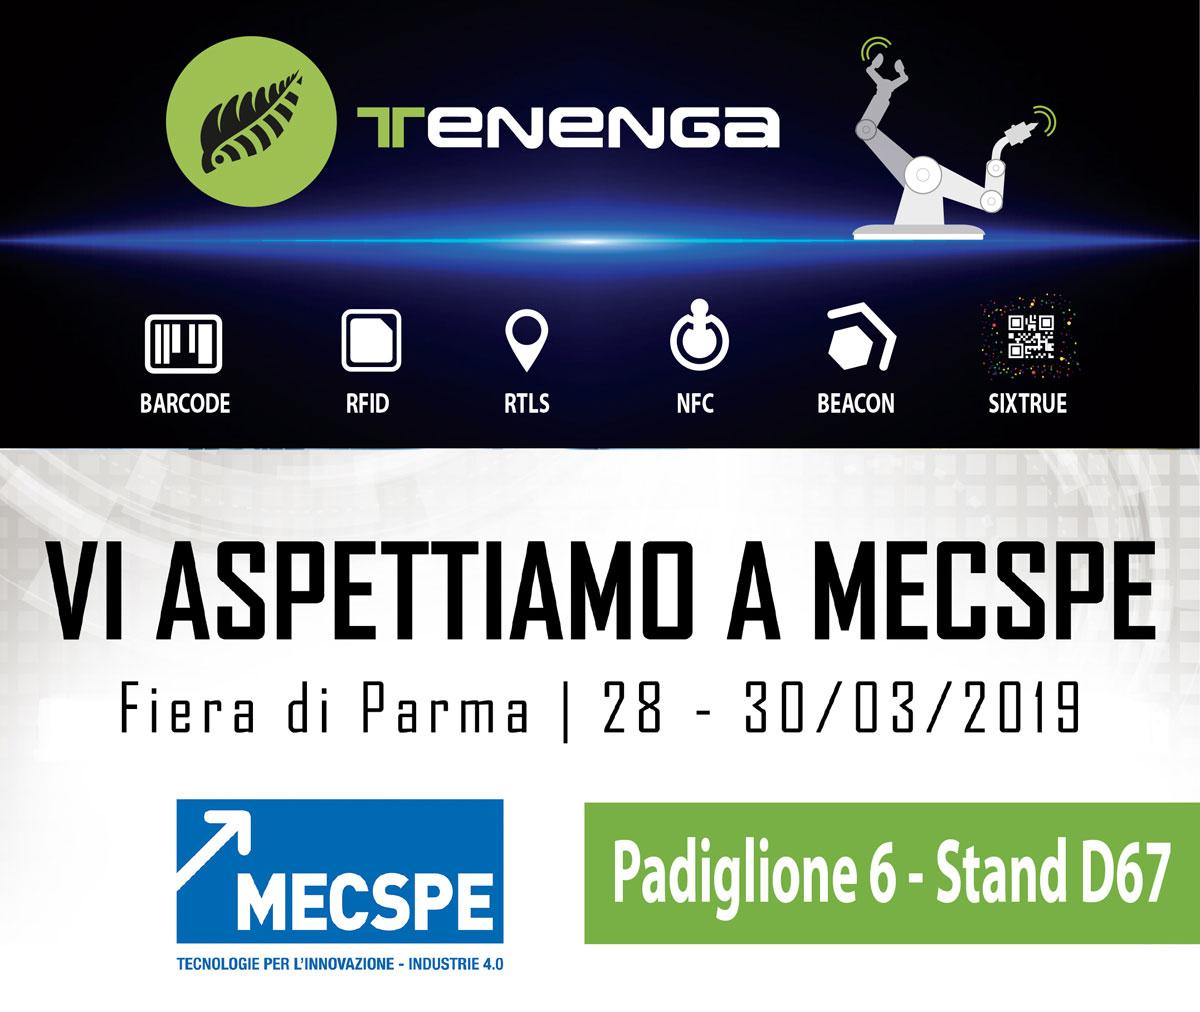 MECSPE 2019 INVITO